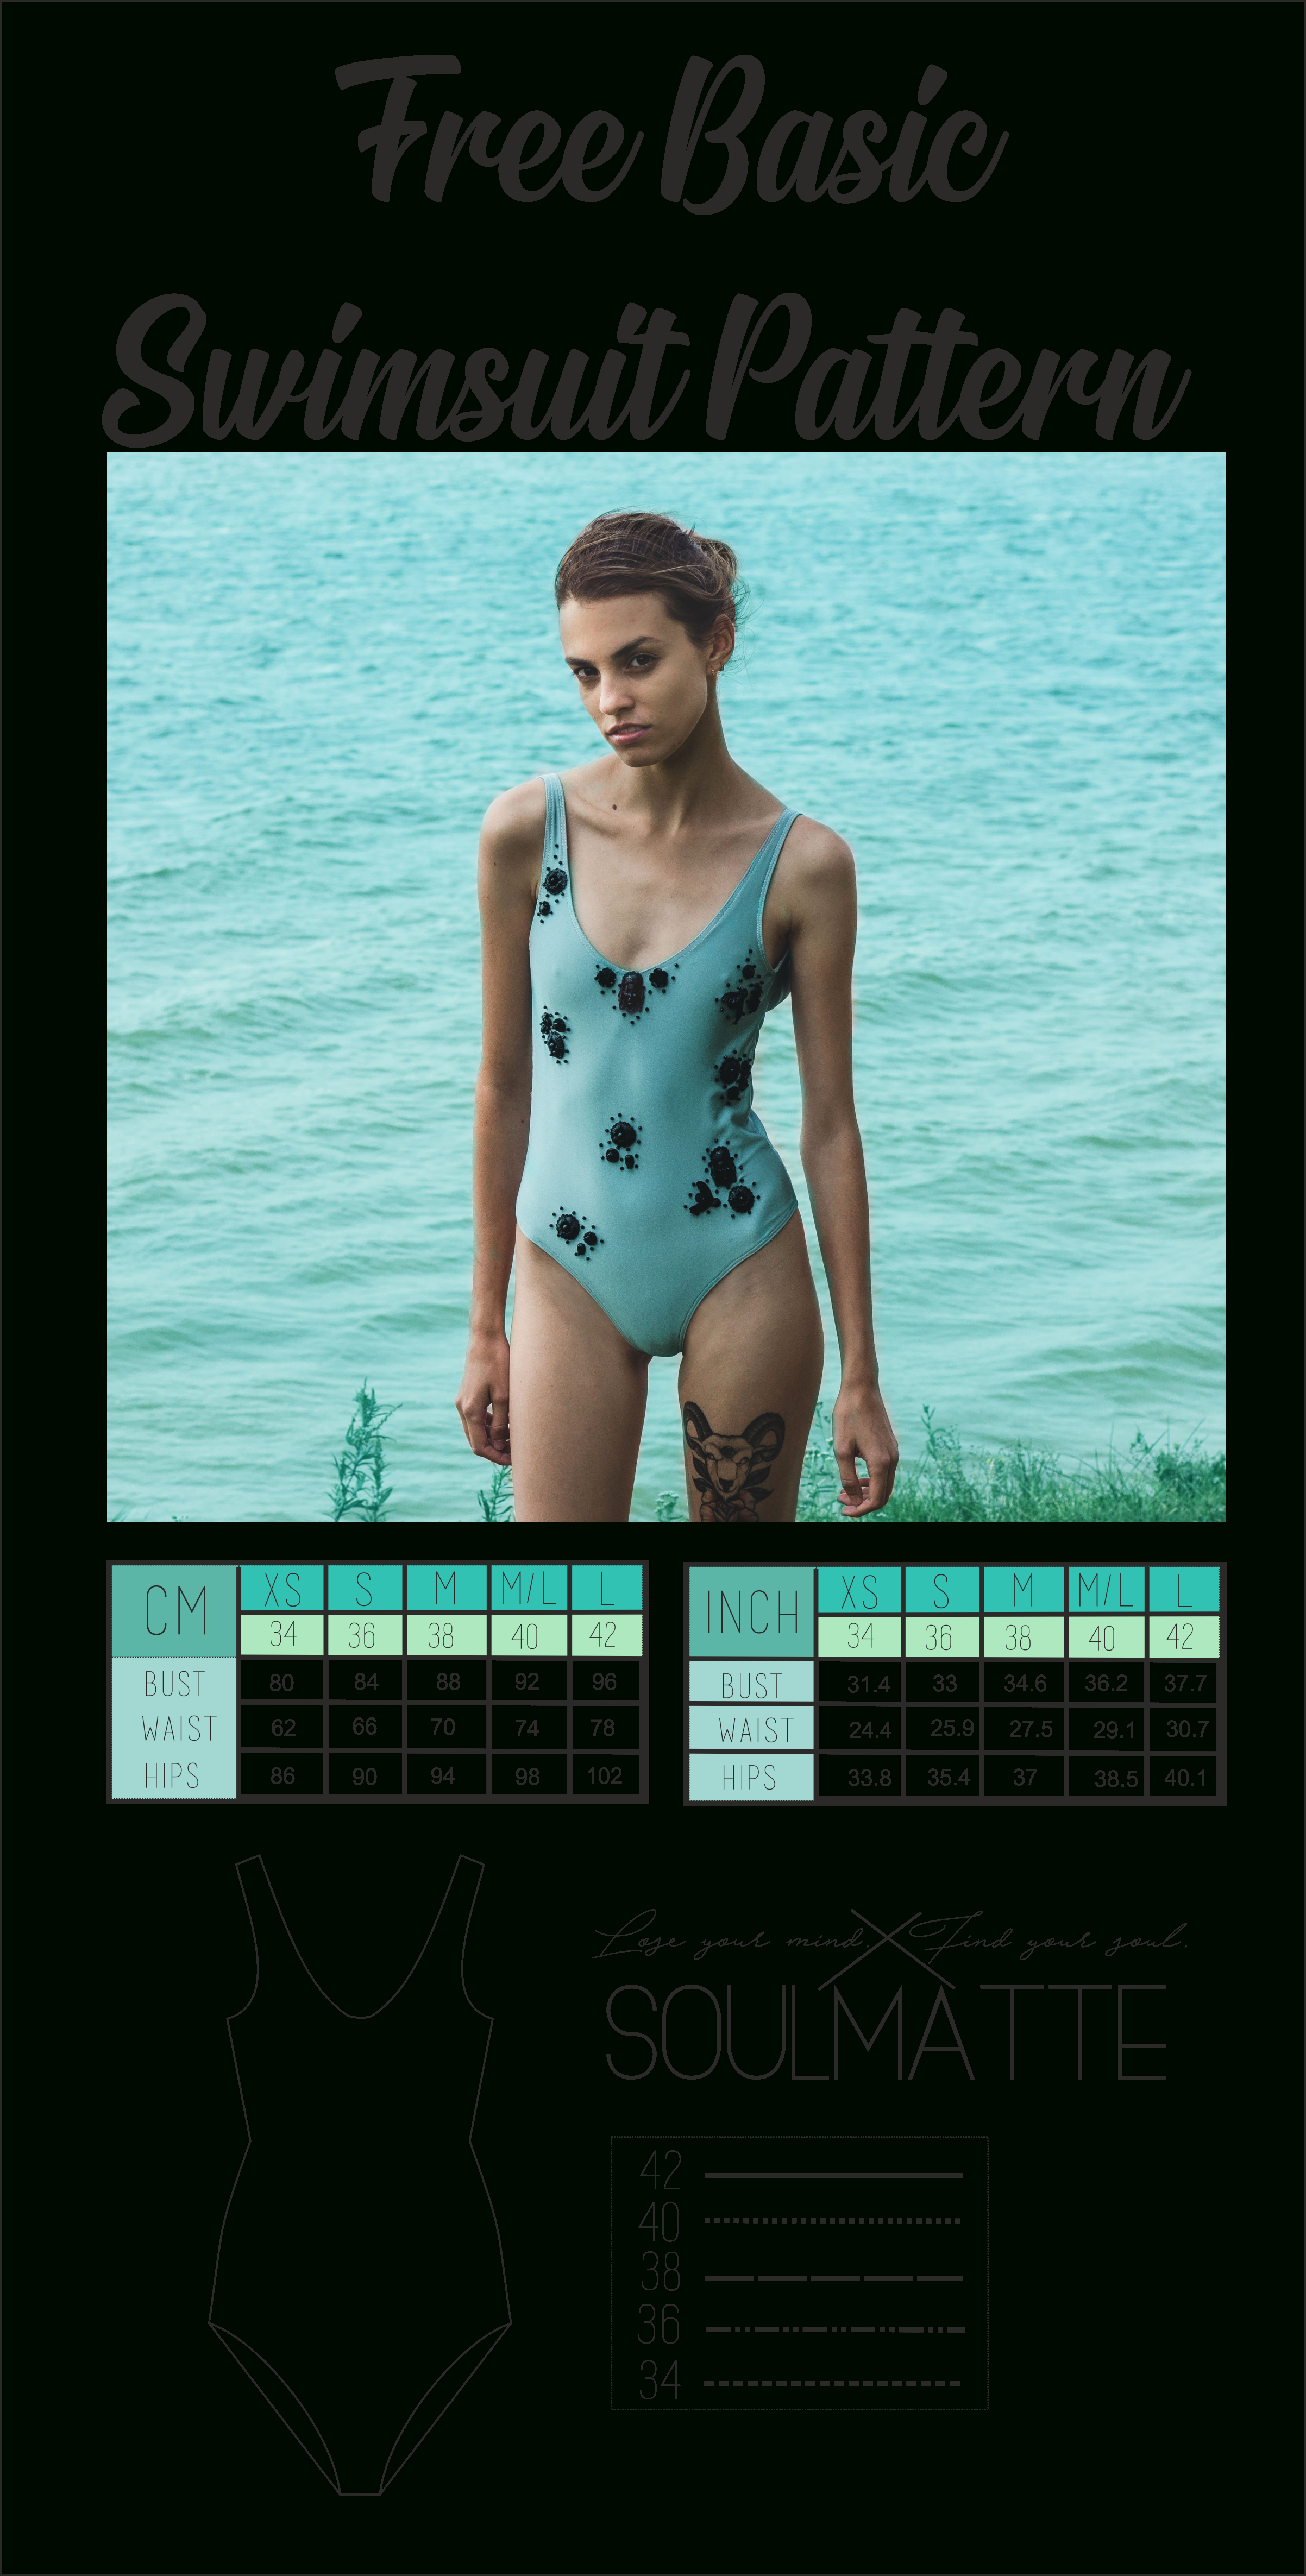 Free Pdf Download Printable Basic Swimsuit - Leotard Pattern For The - Free Printable Leotard Pattern